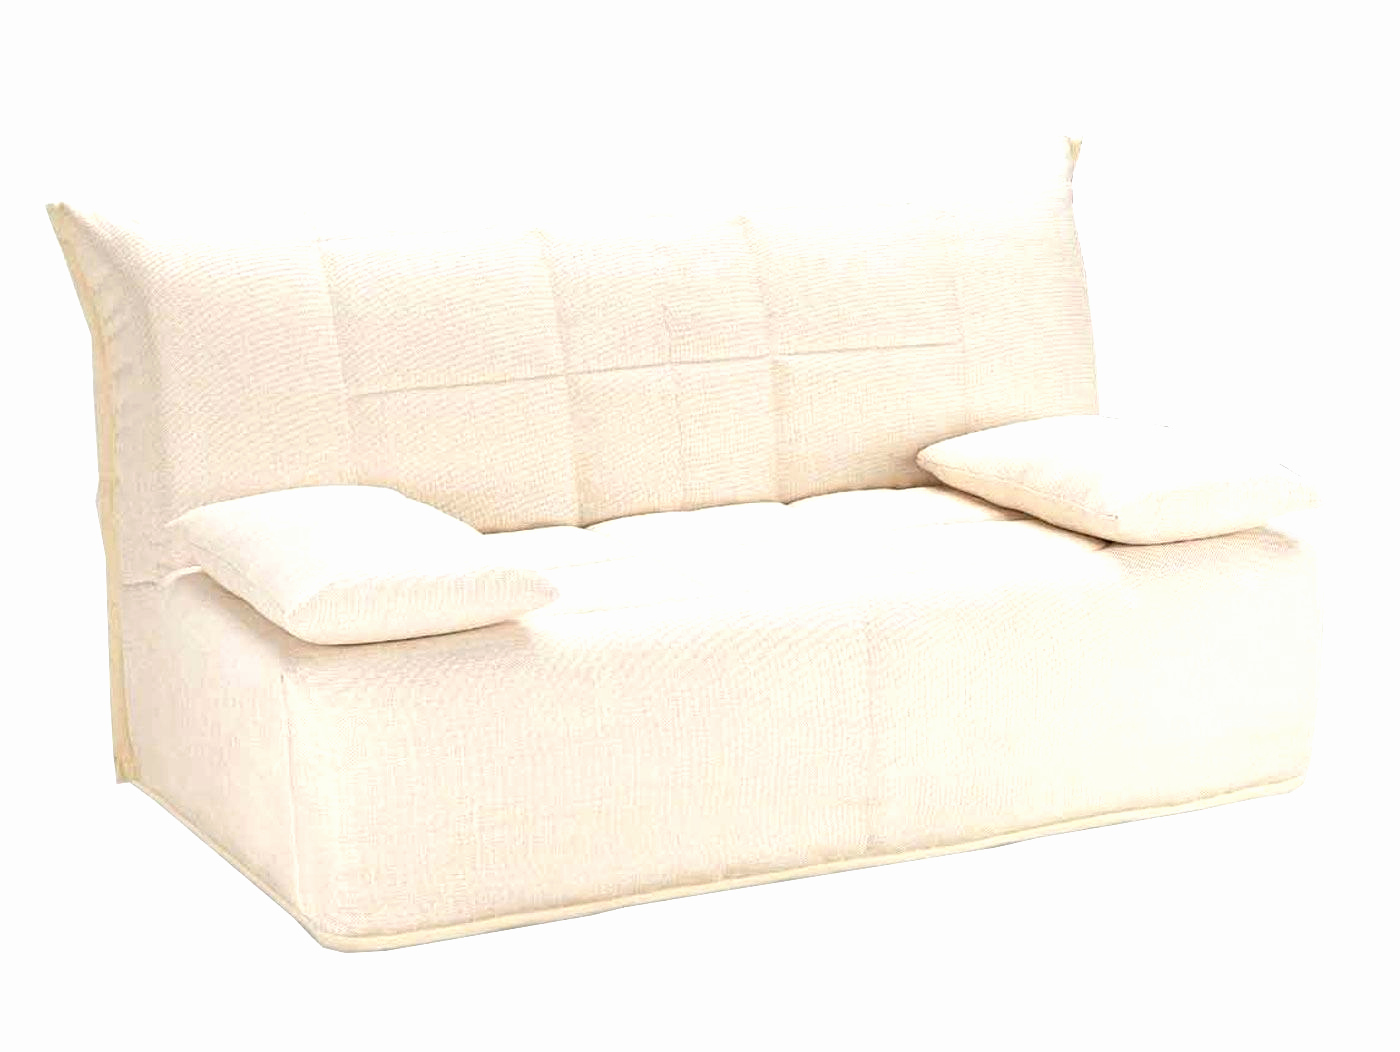 Housse Pour Bz Ikea Élégant Photos Canape Convertible Bz Génial Banquette 1 Place Inspirant Bz 2 Places